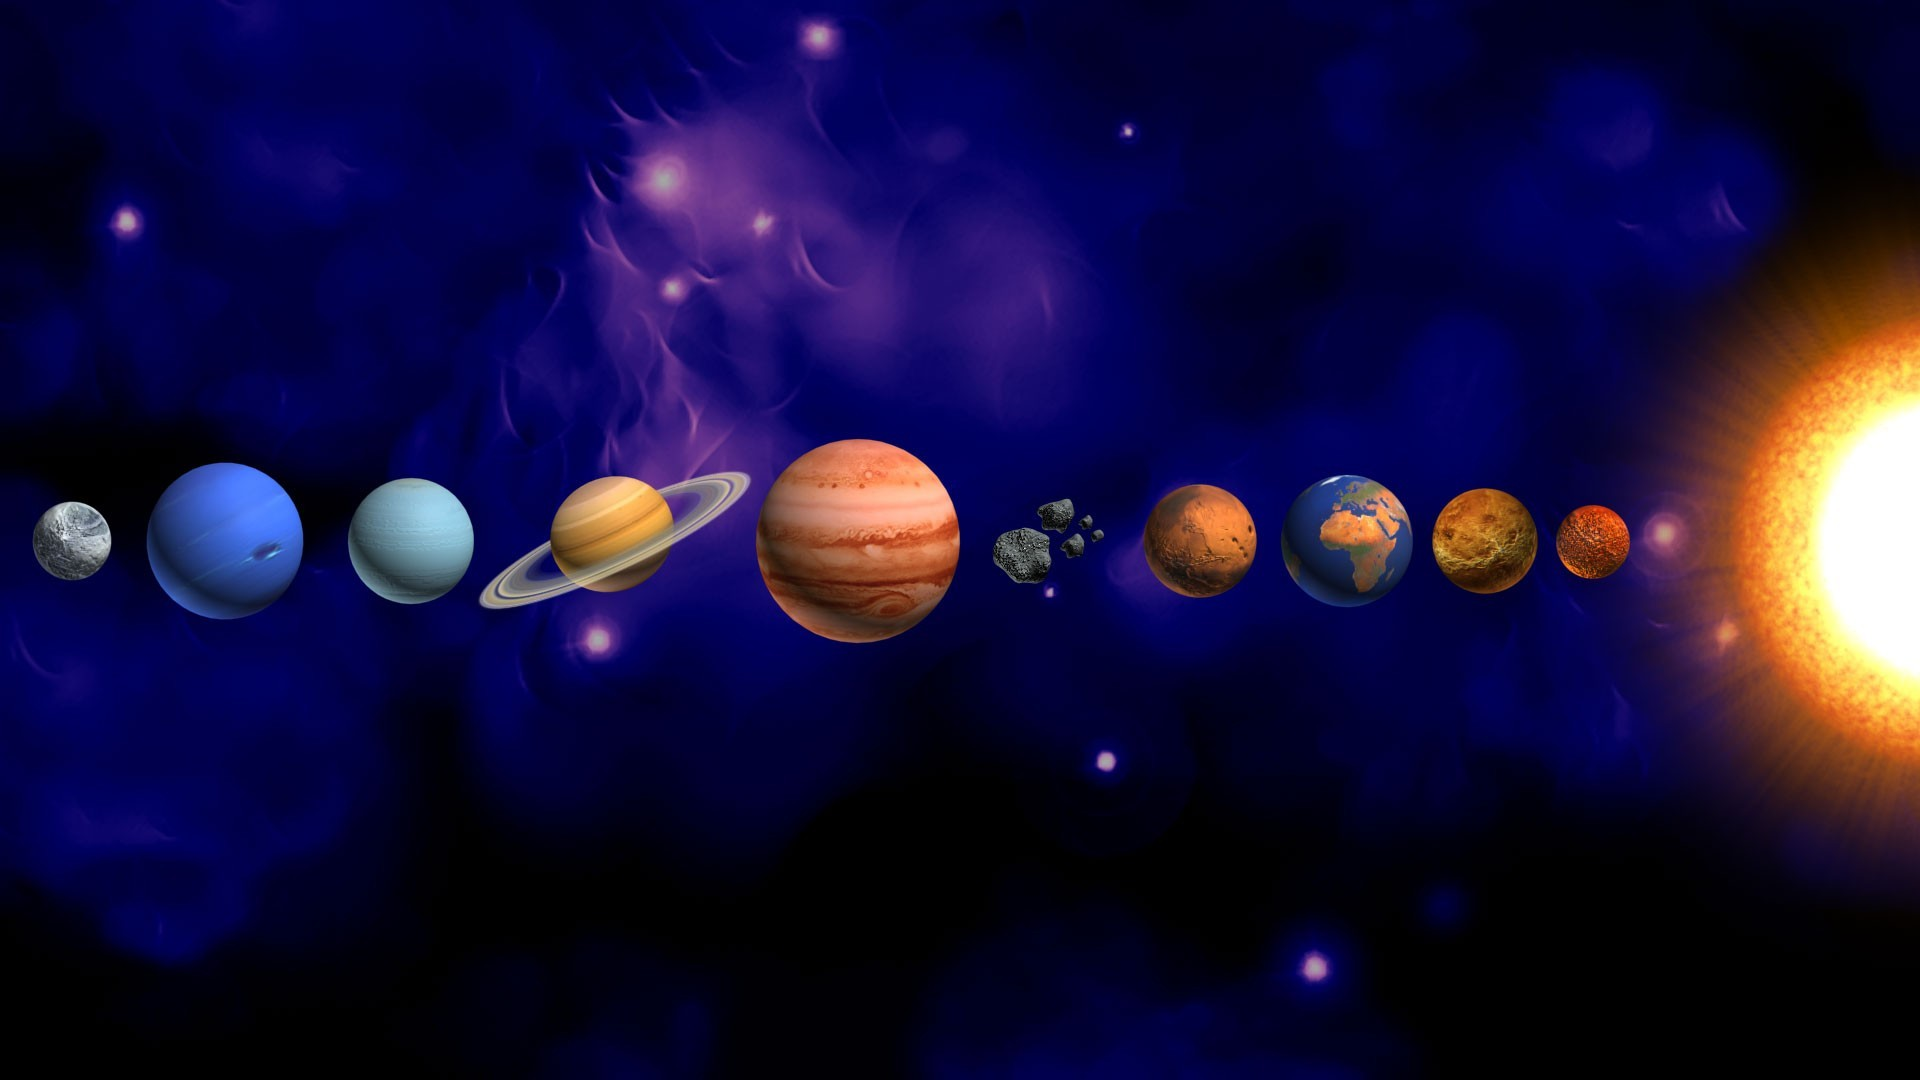 красивые картинки парад планет упоминание